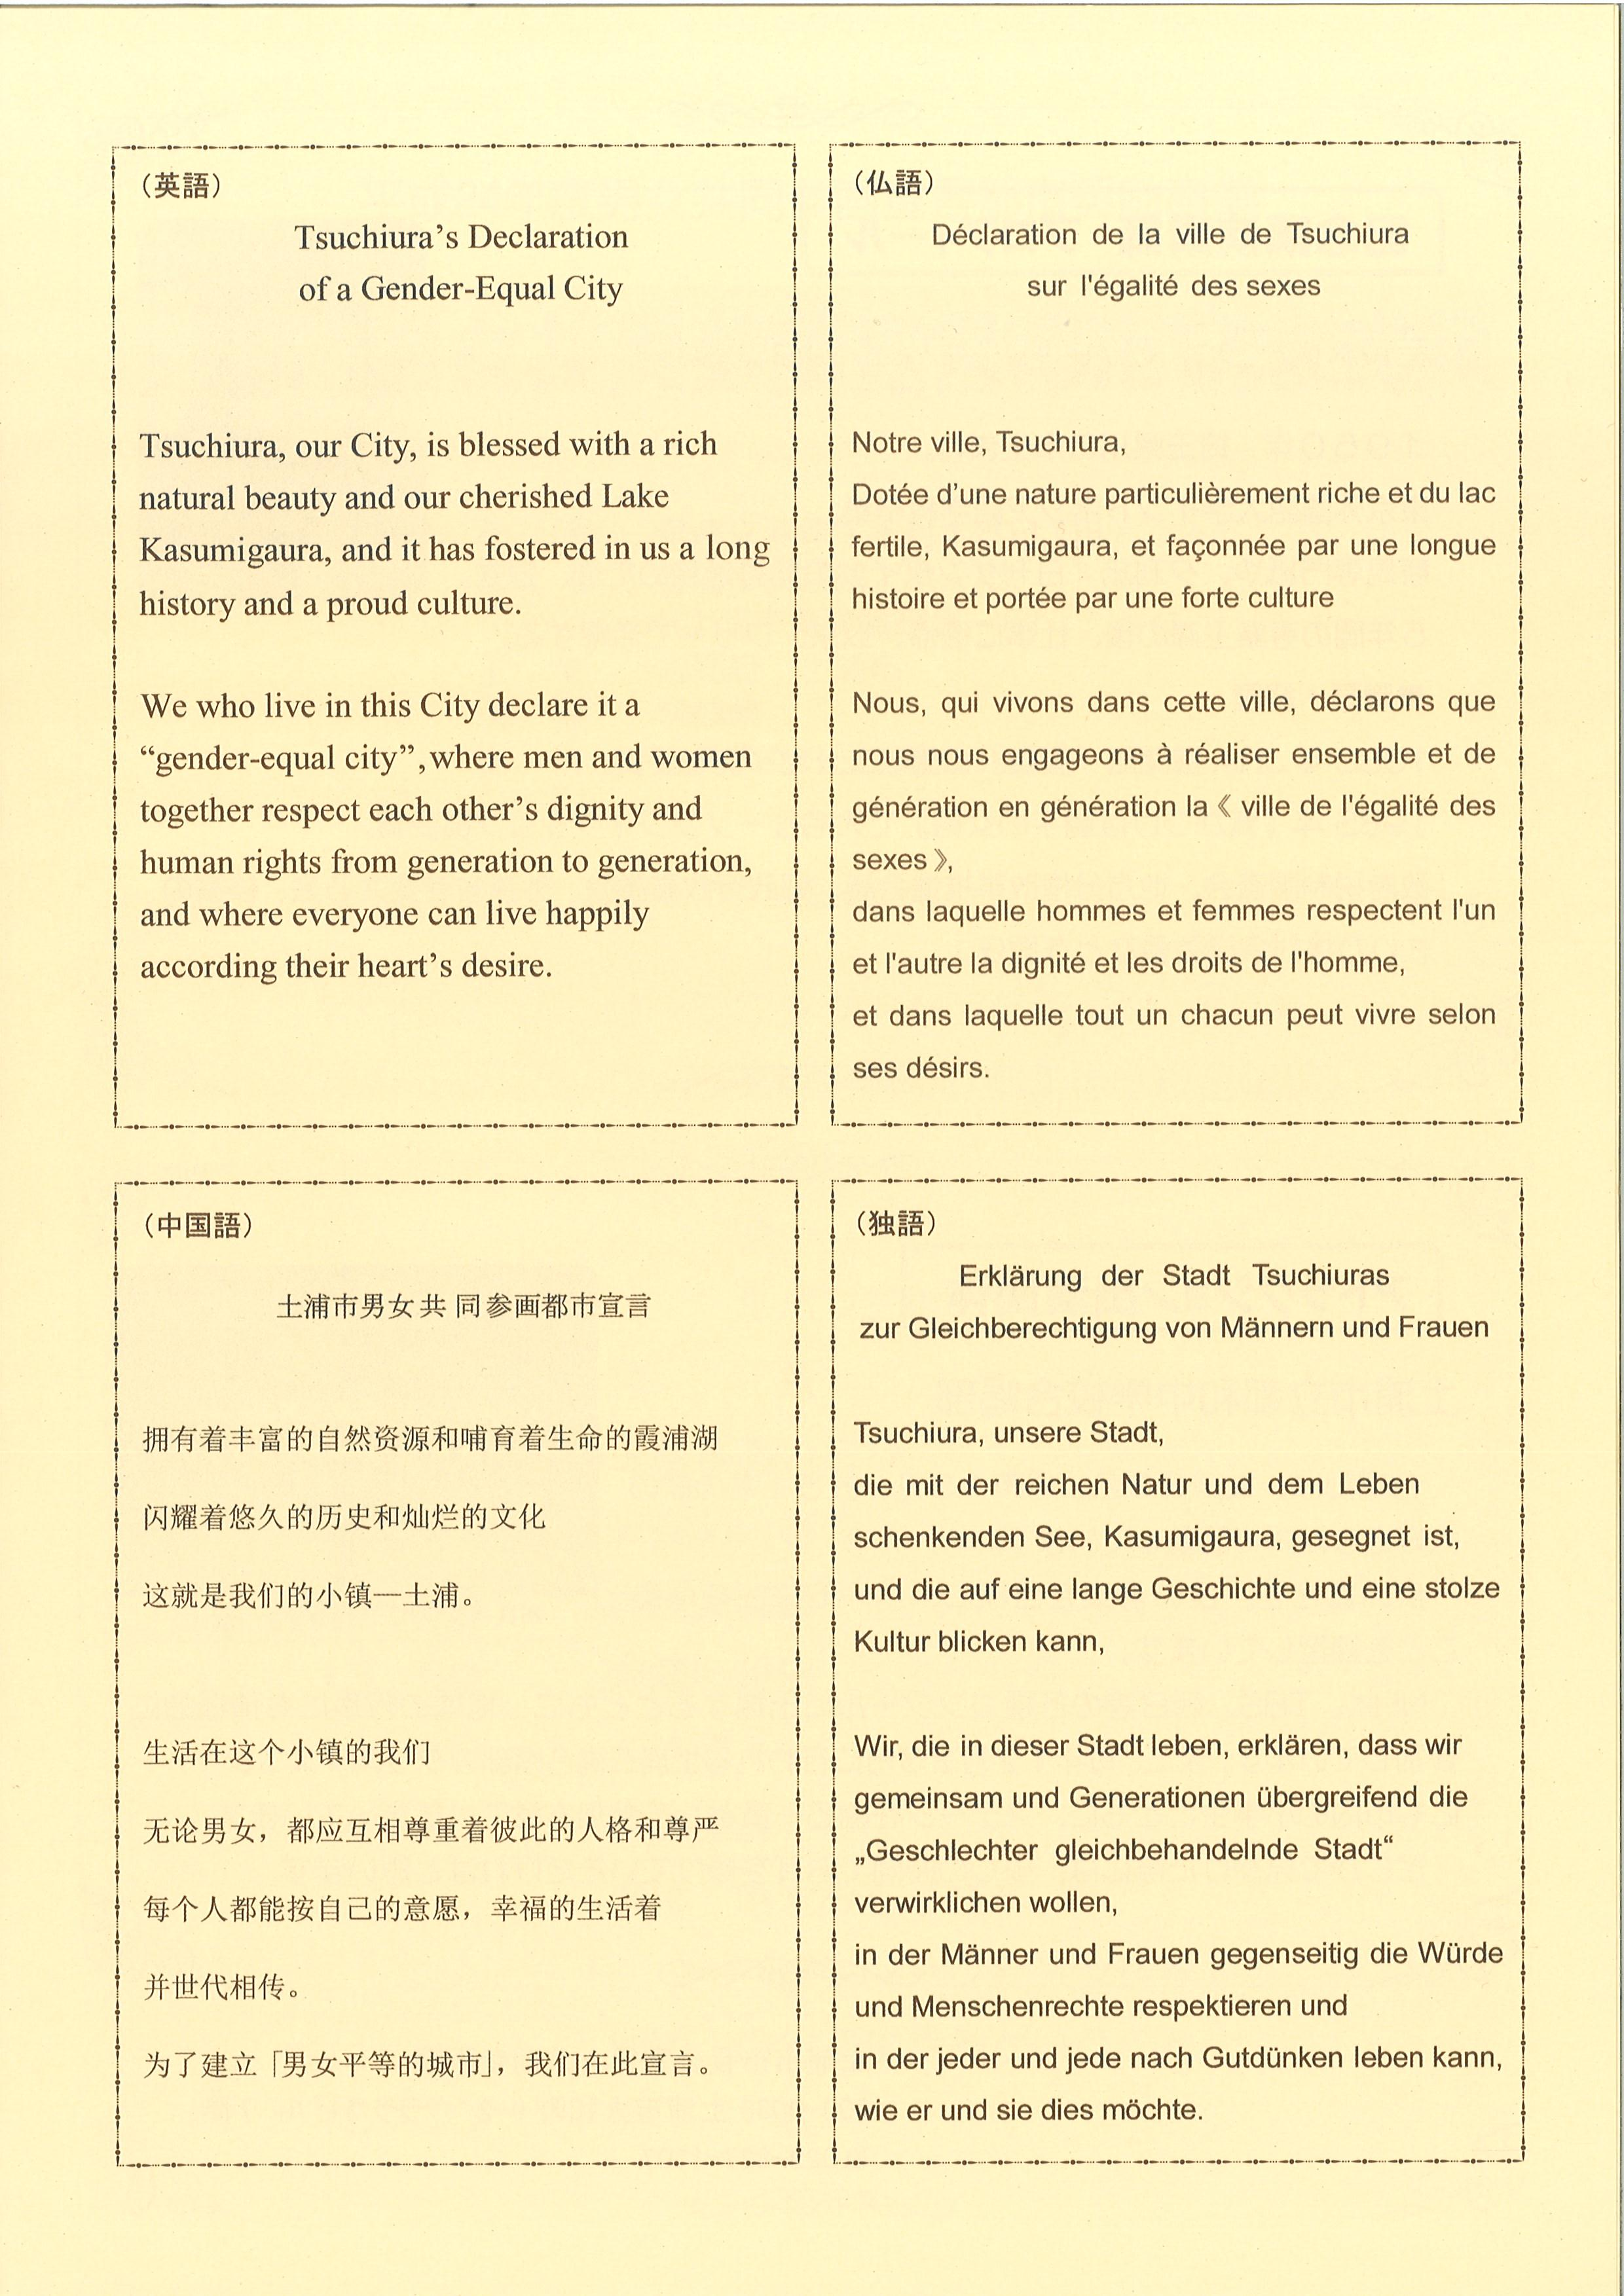 画像:宣言文(外国語訳)